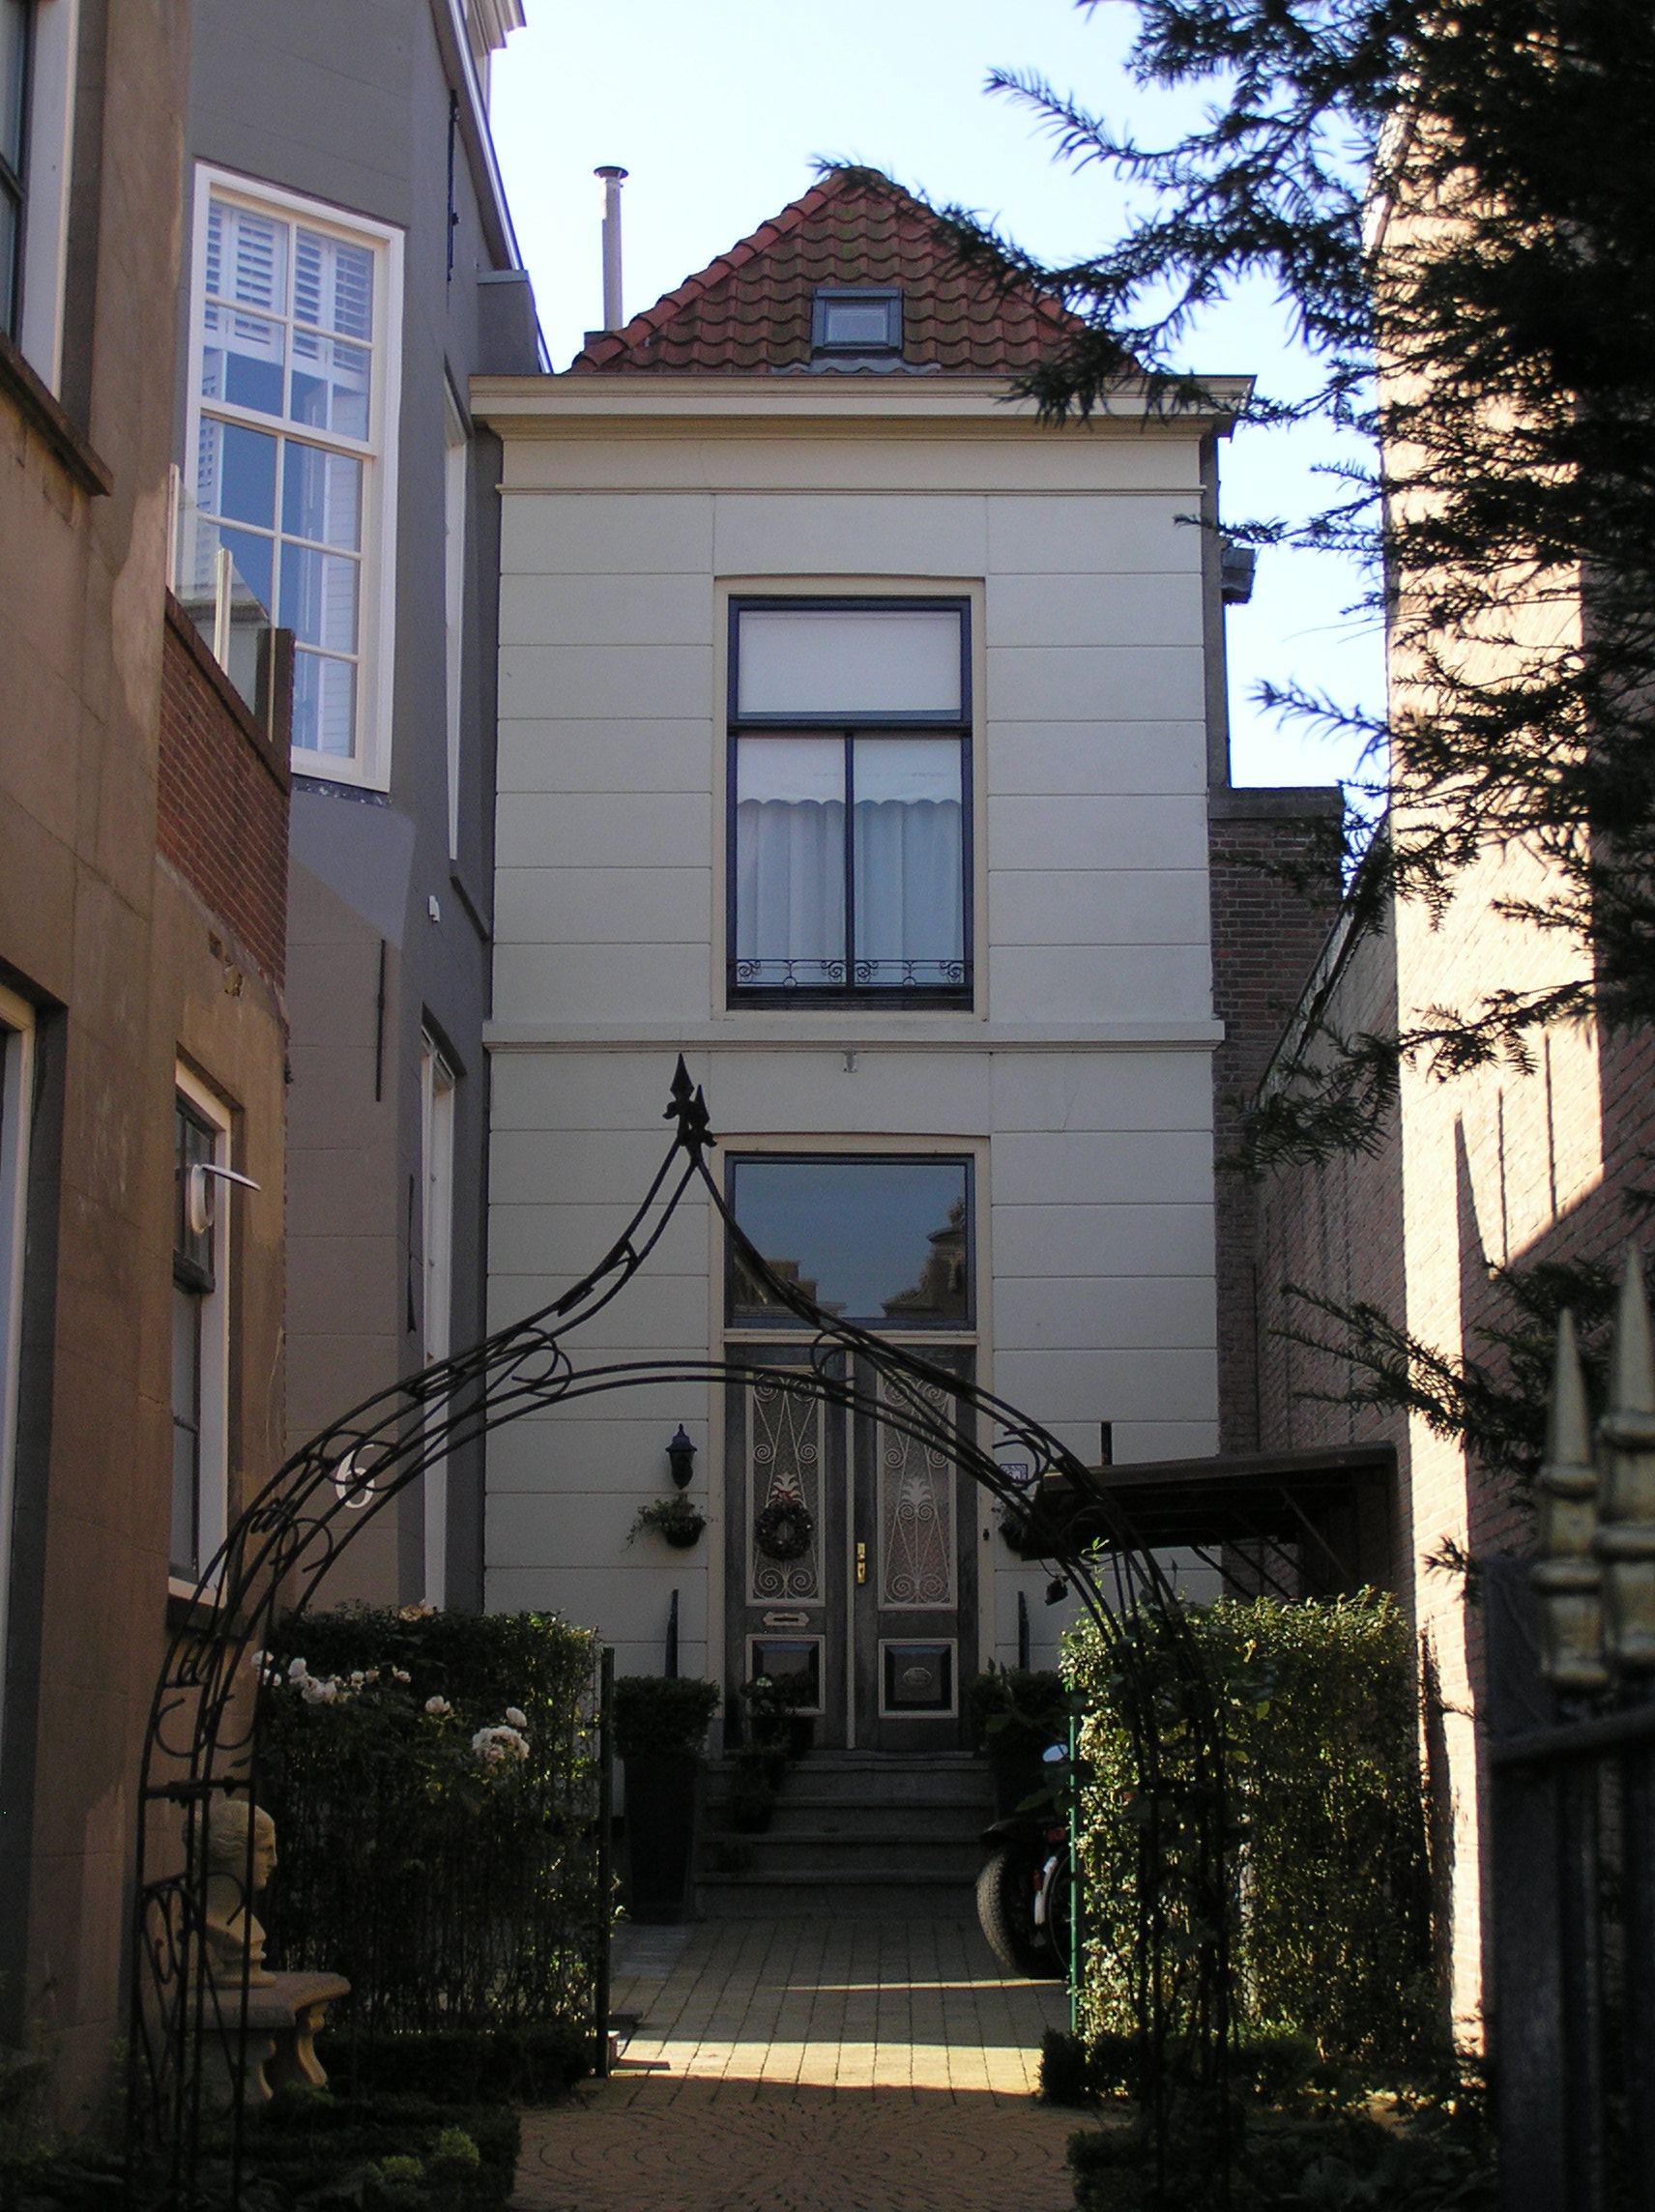 Huis met gepleisterde gevel in zierikzee monument - Provencaalse huis gevel ...